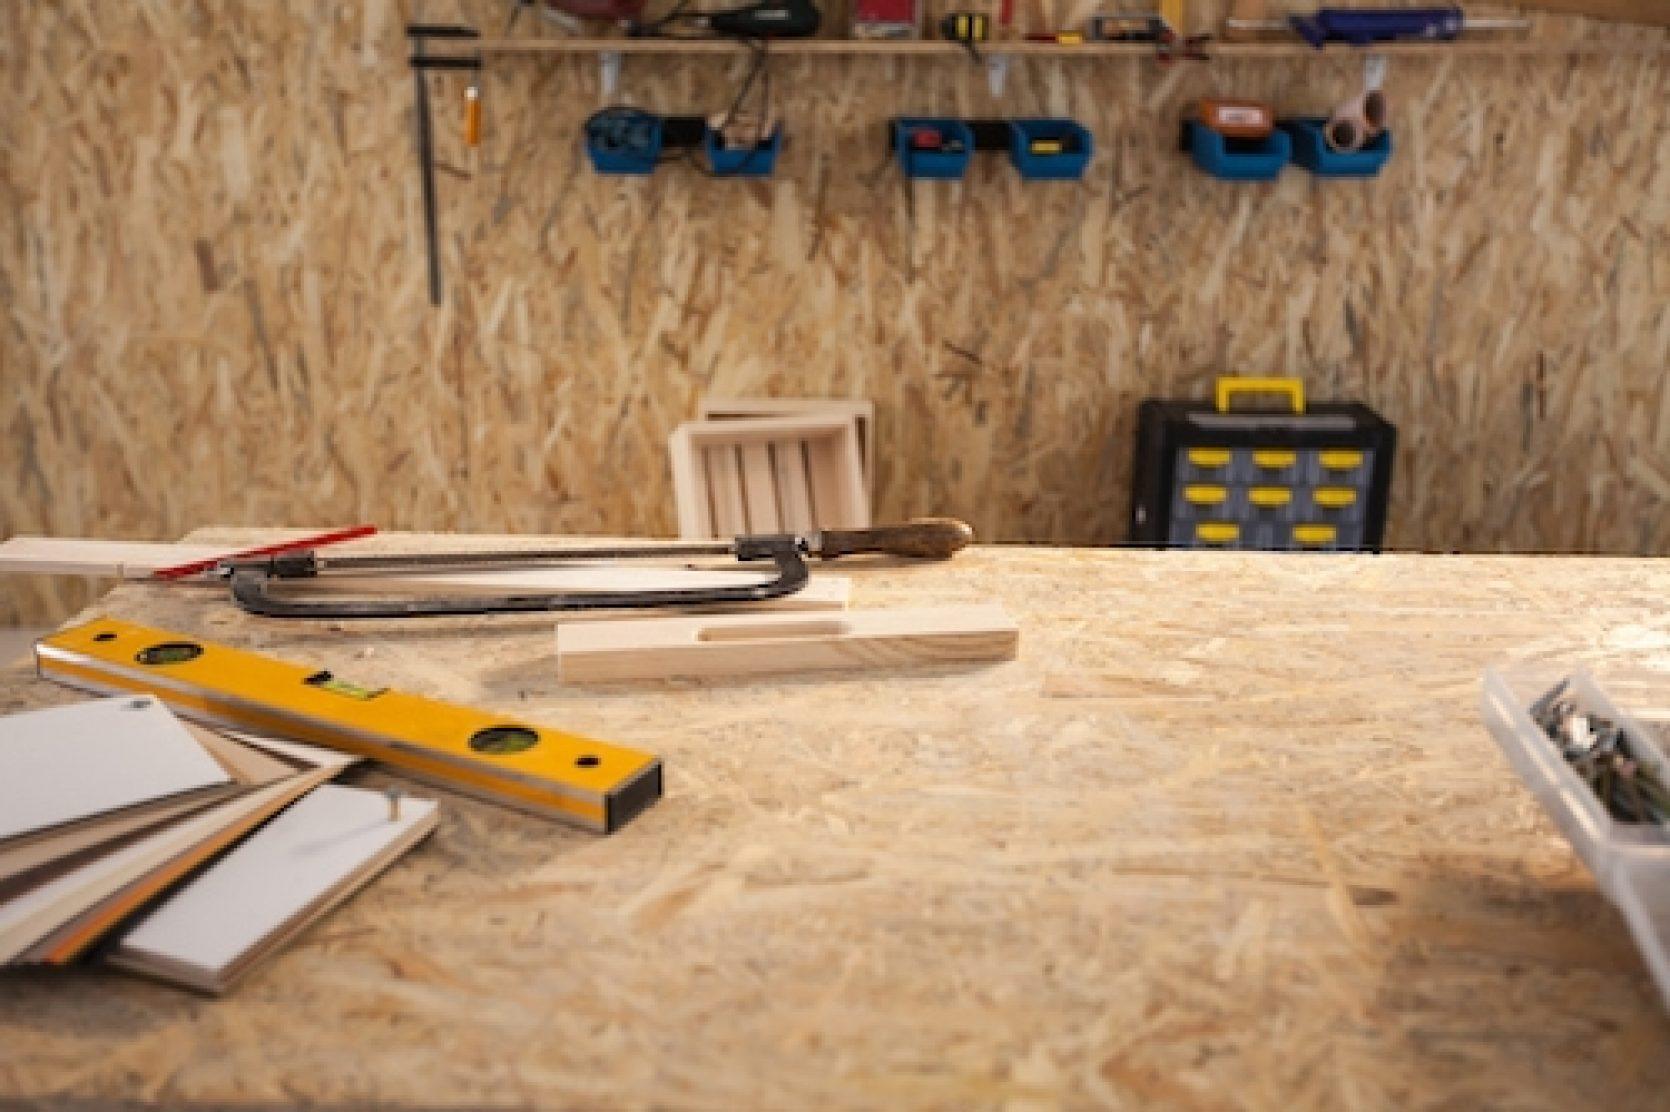 Nærbilde av arbeidsbenk og verktøy i en garasje